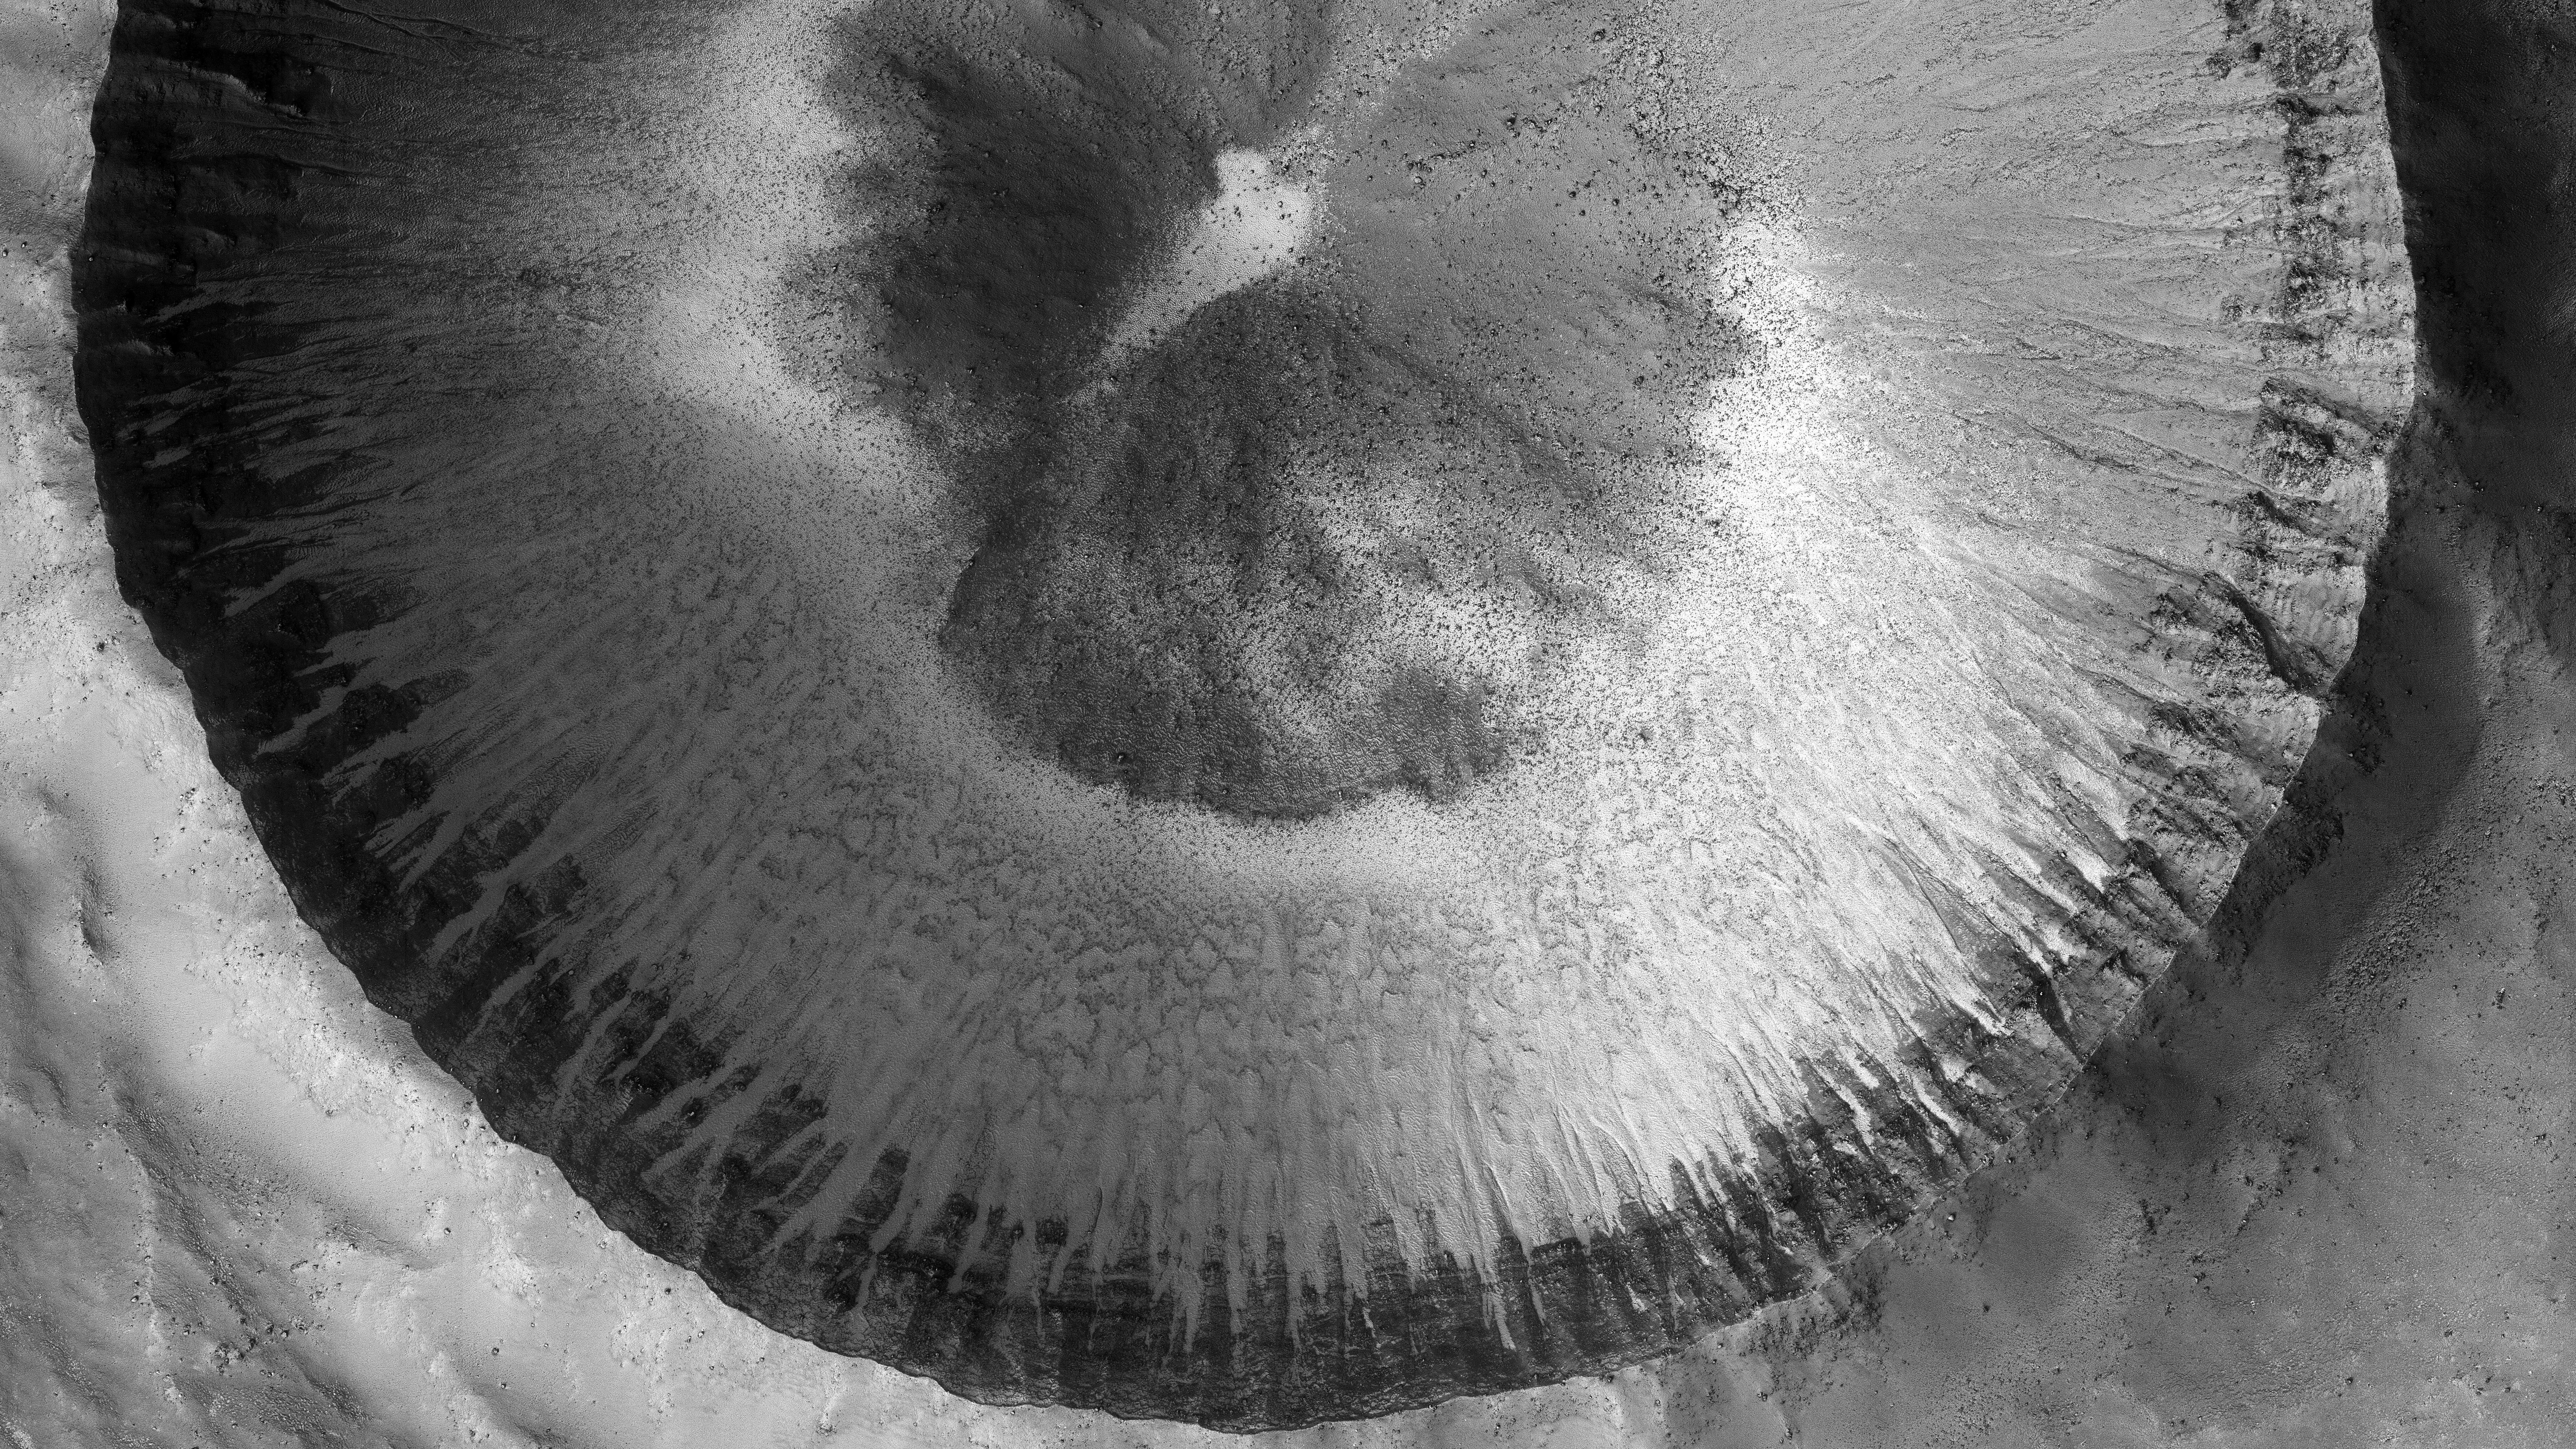 Planeta Marte. 5 NOI Imagini care au ULUIT Intreaga OMENIRE foto crater